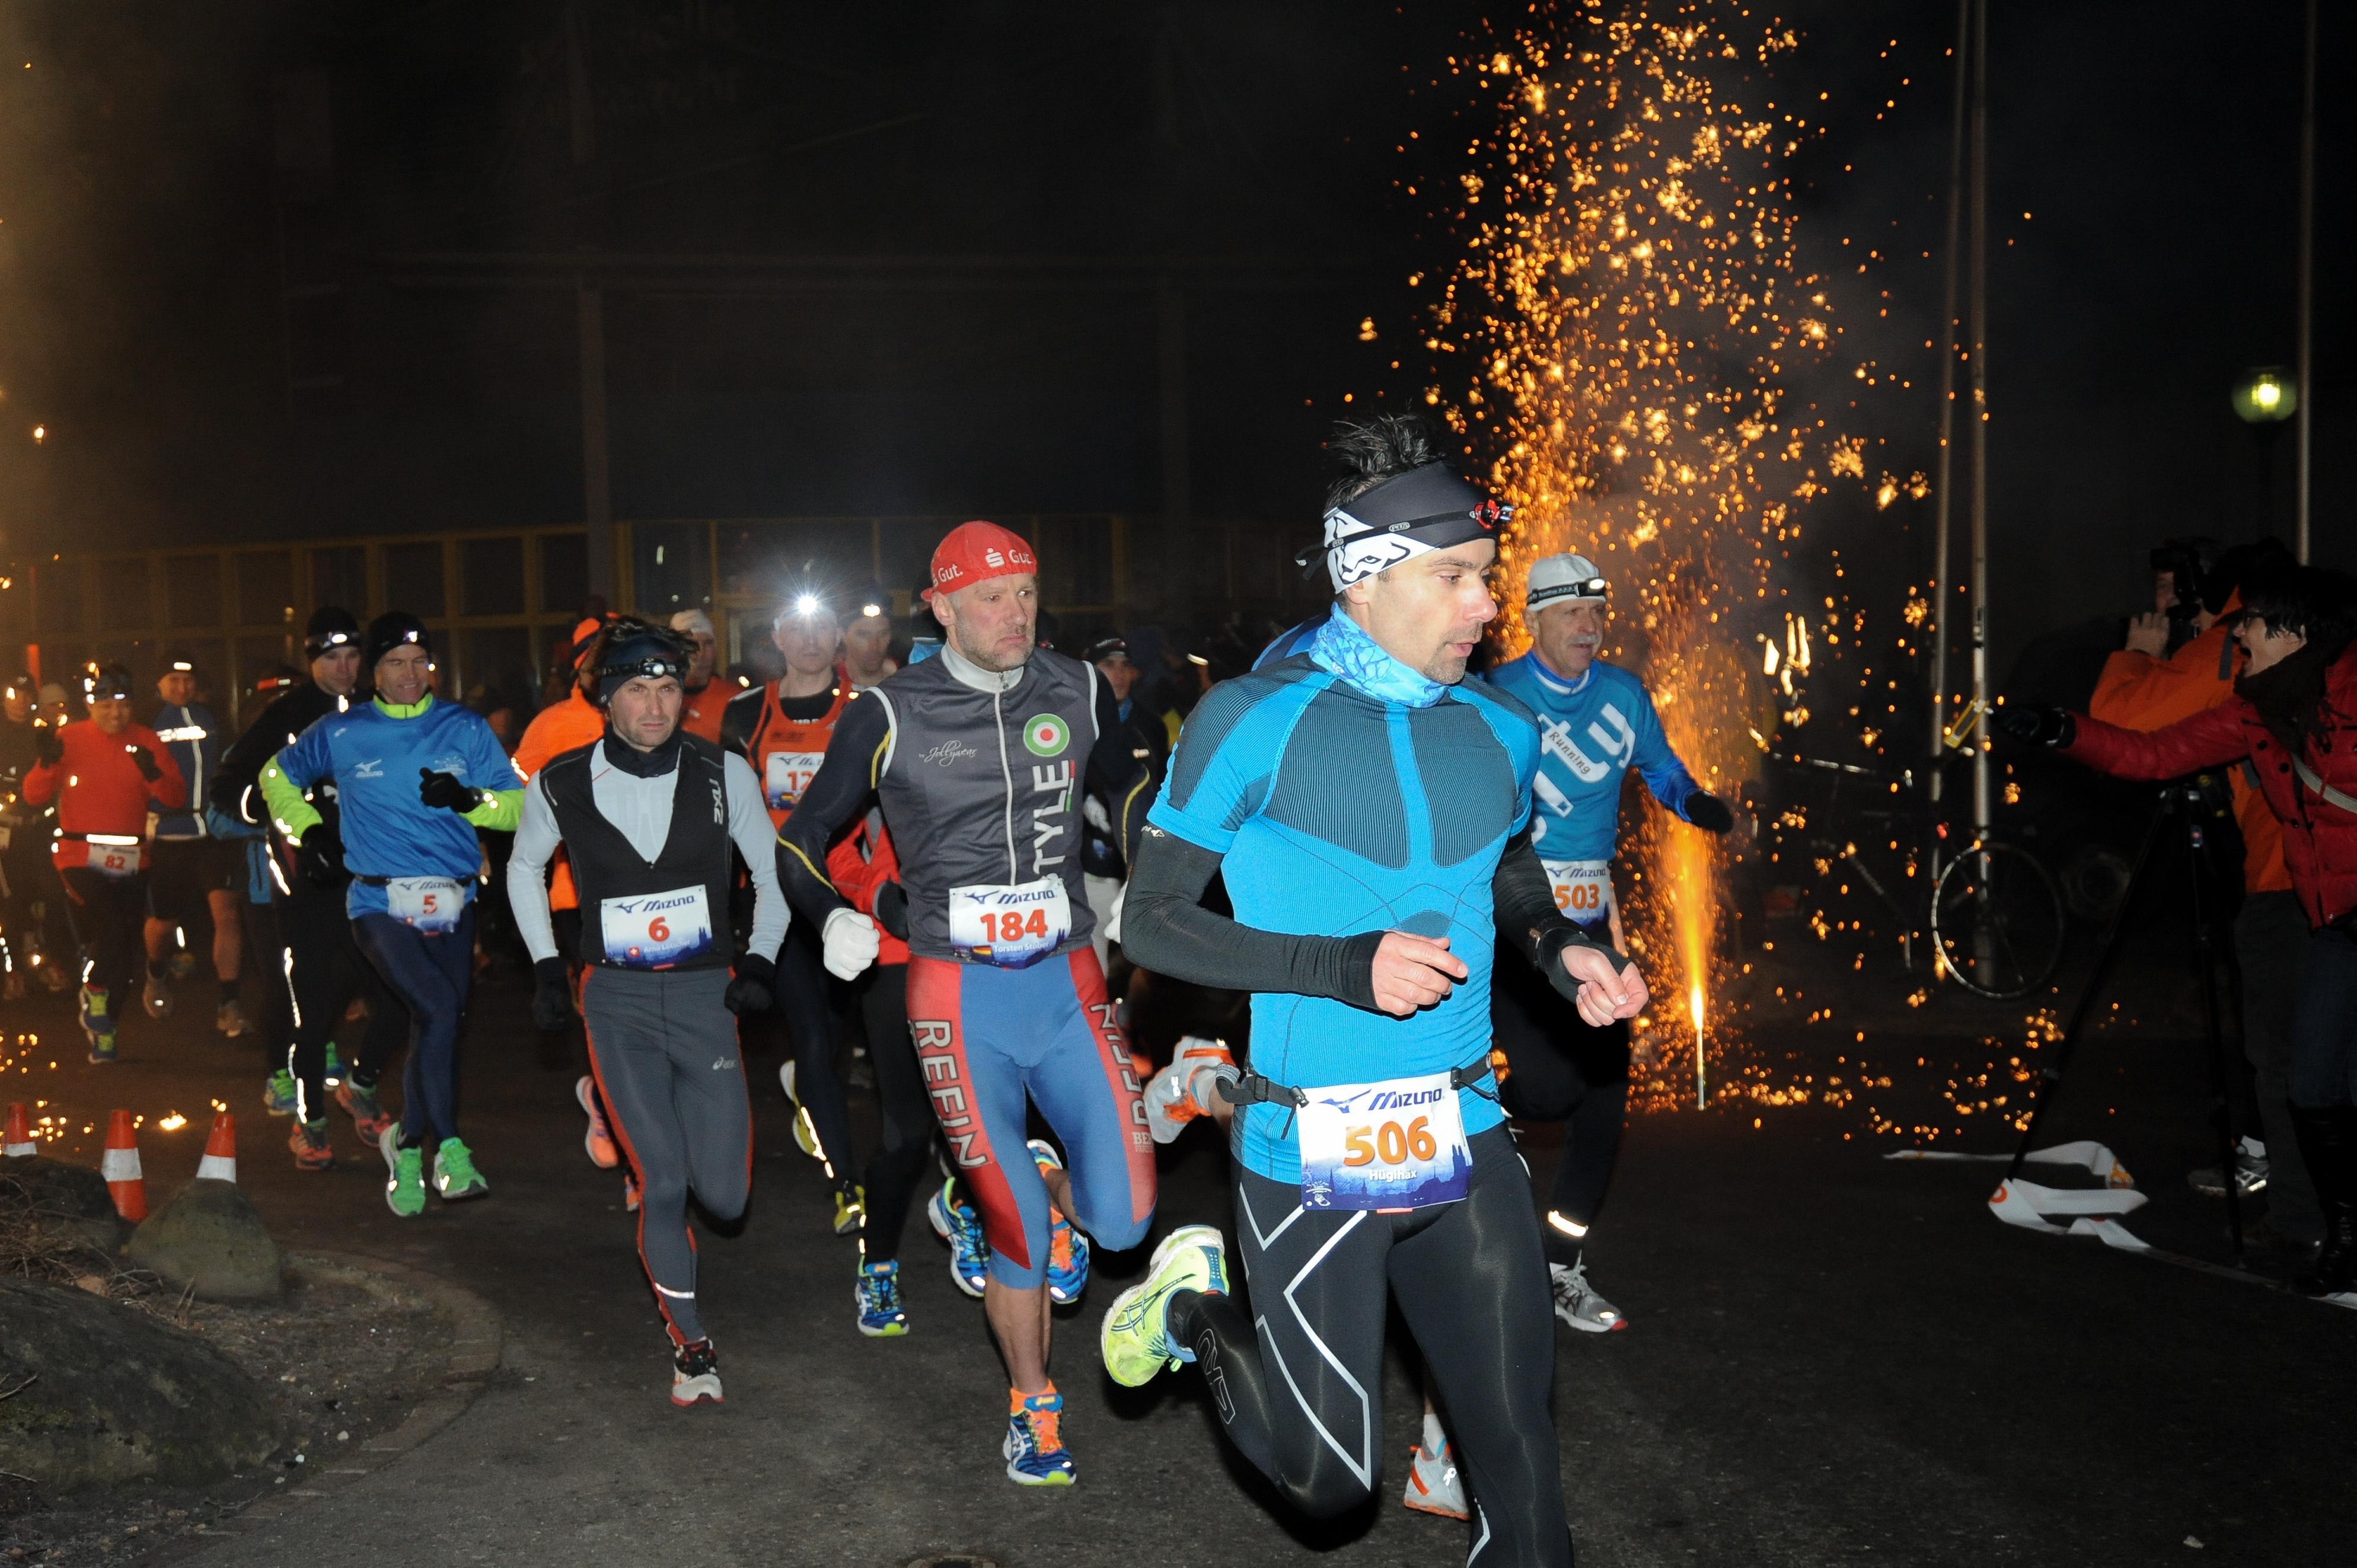 Alles over de Neujahrsmarathon Zürich New years marathon Zurich en hoe jij er aan mee kunt doen